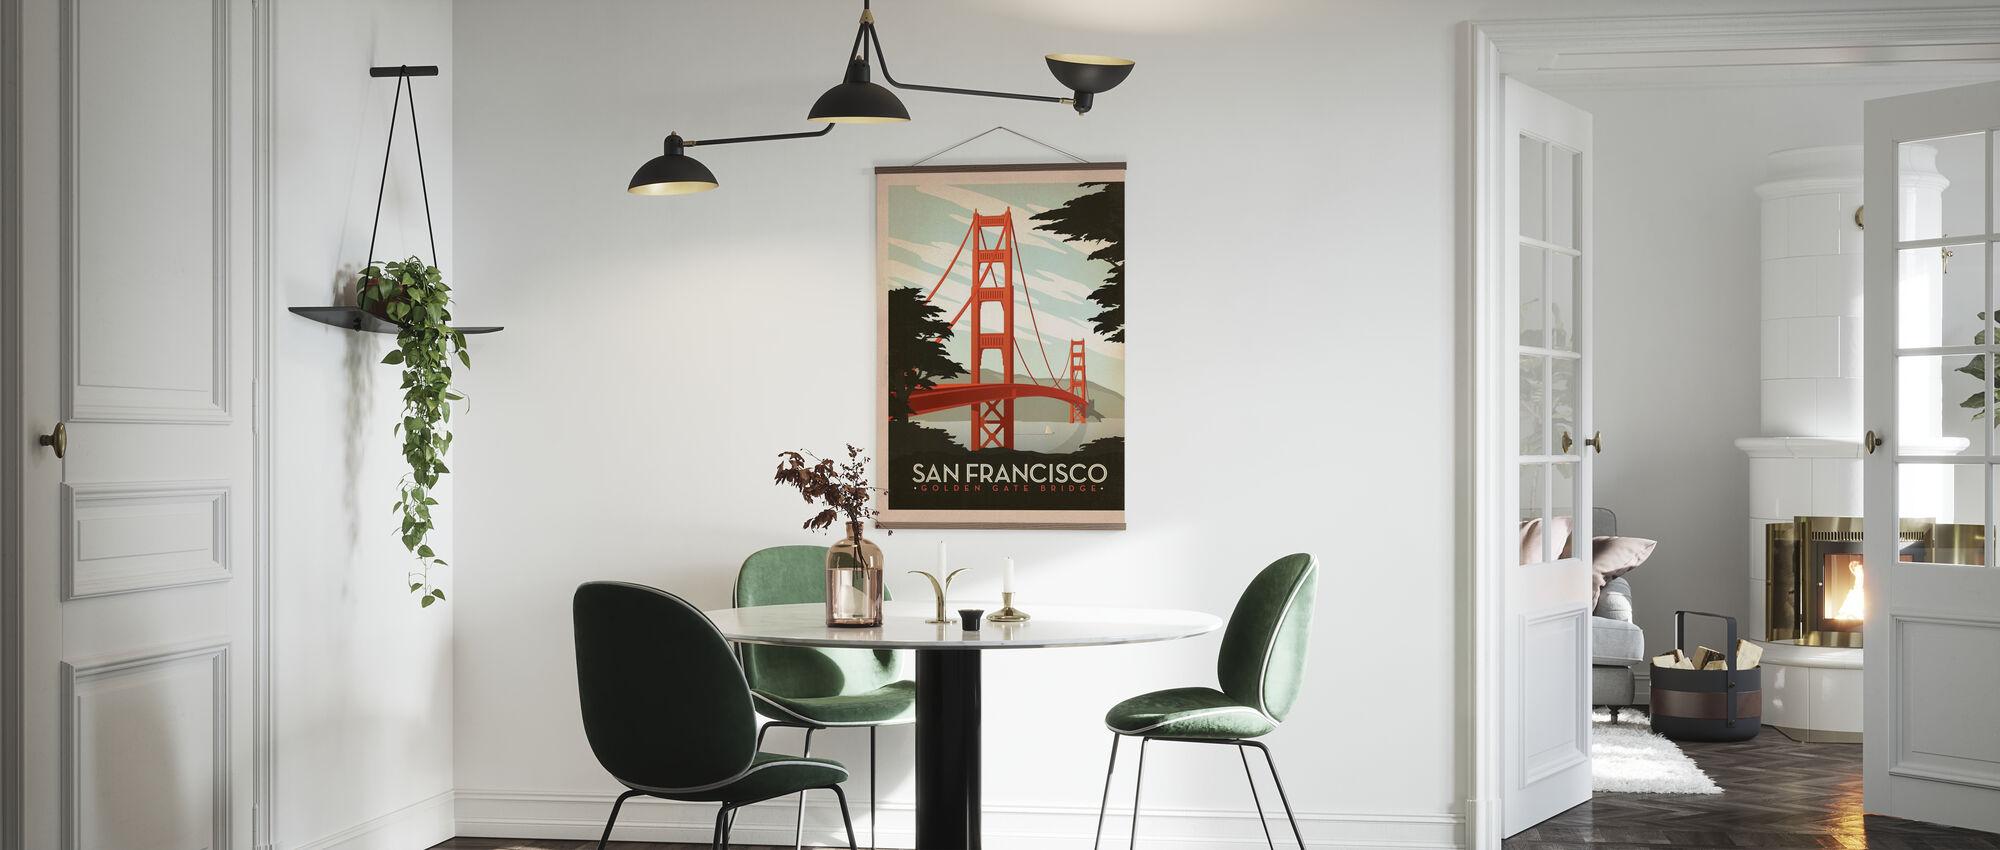 San Francisco - Poster - Kitchen